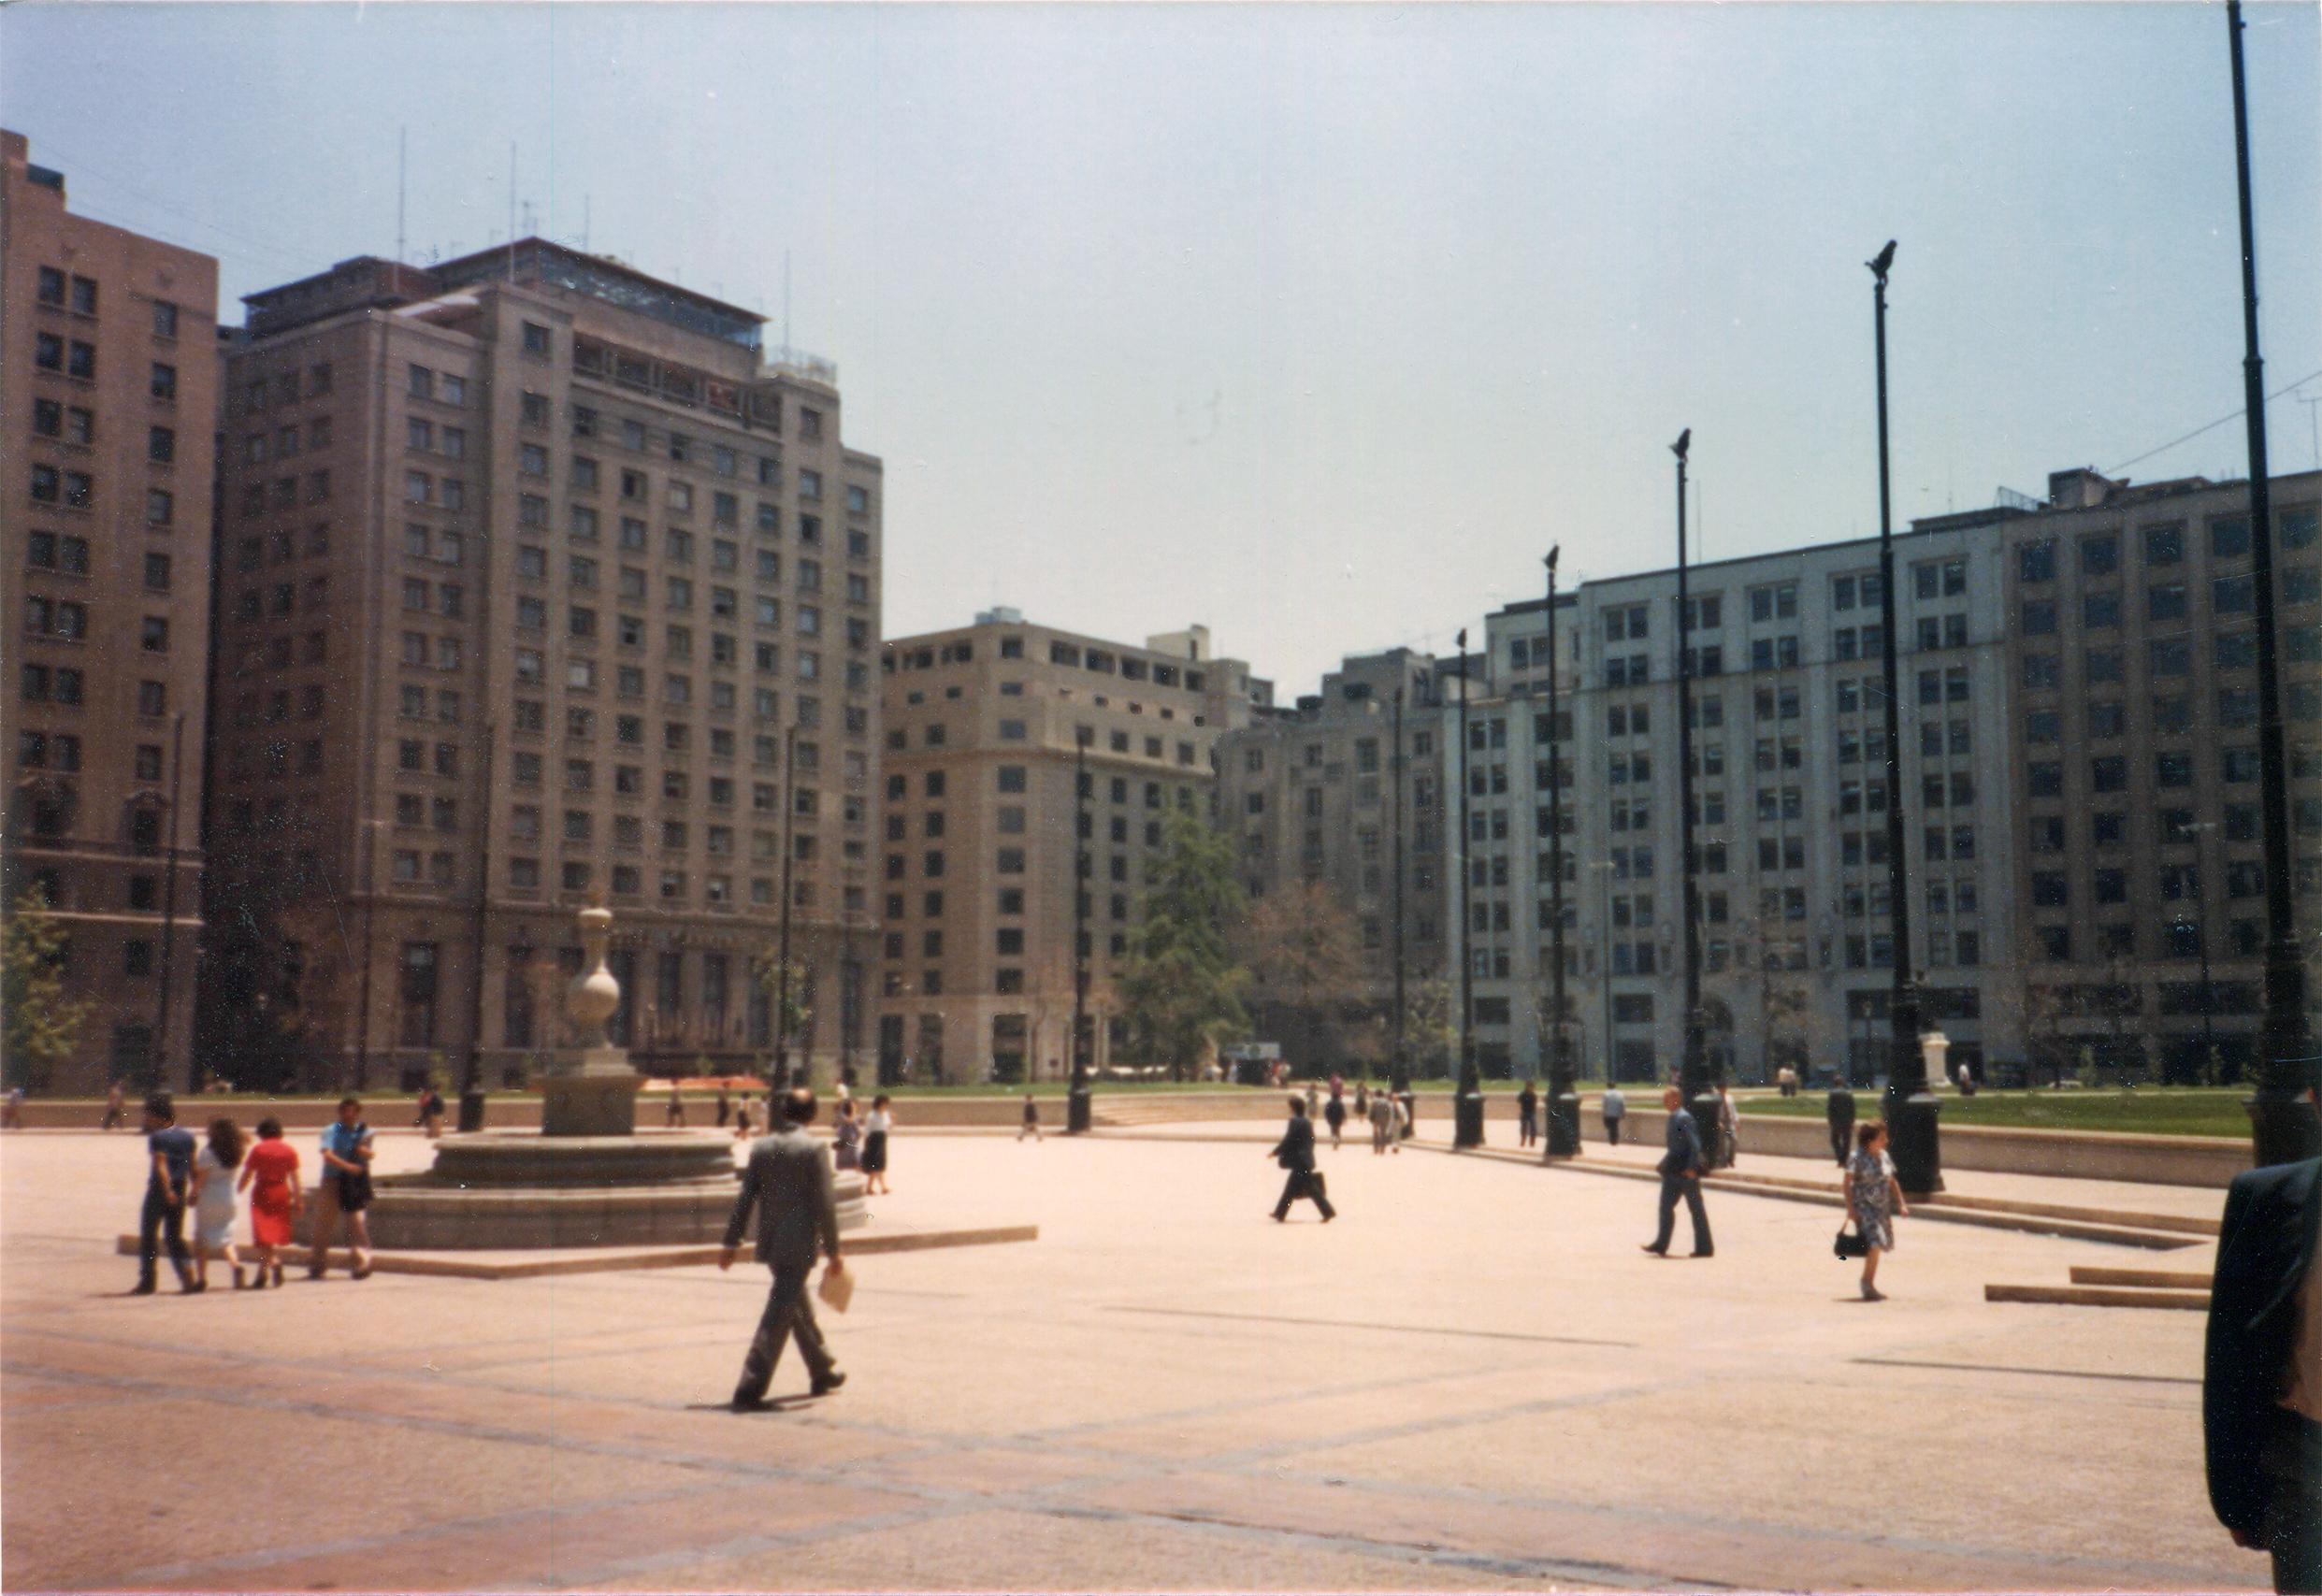 Enterreno - Fotos históricas de chile - fotos antiguas de Chile - Plaza de la Constitución en 1983